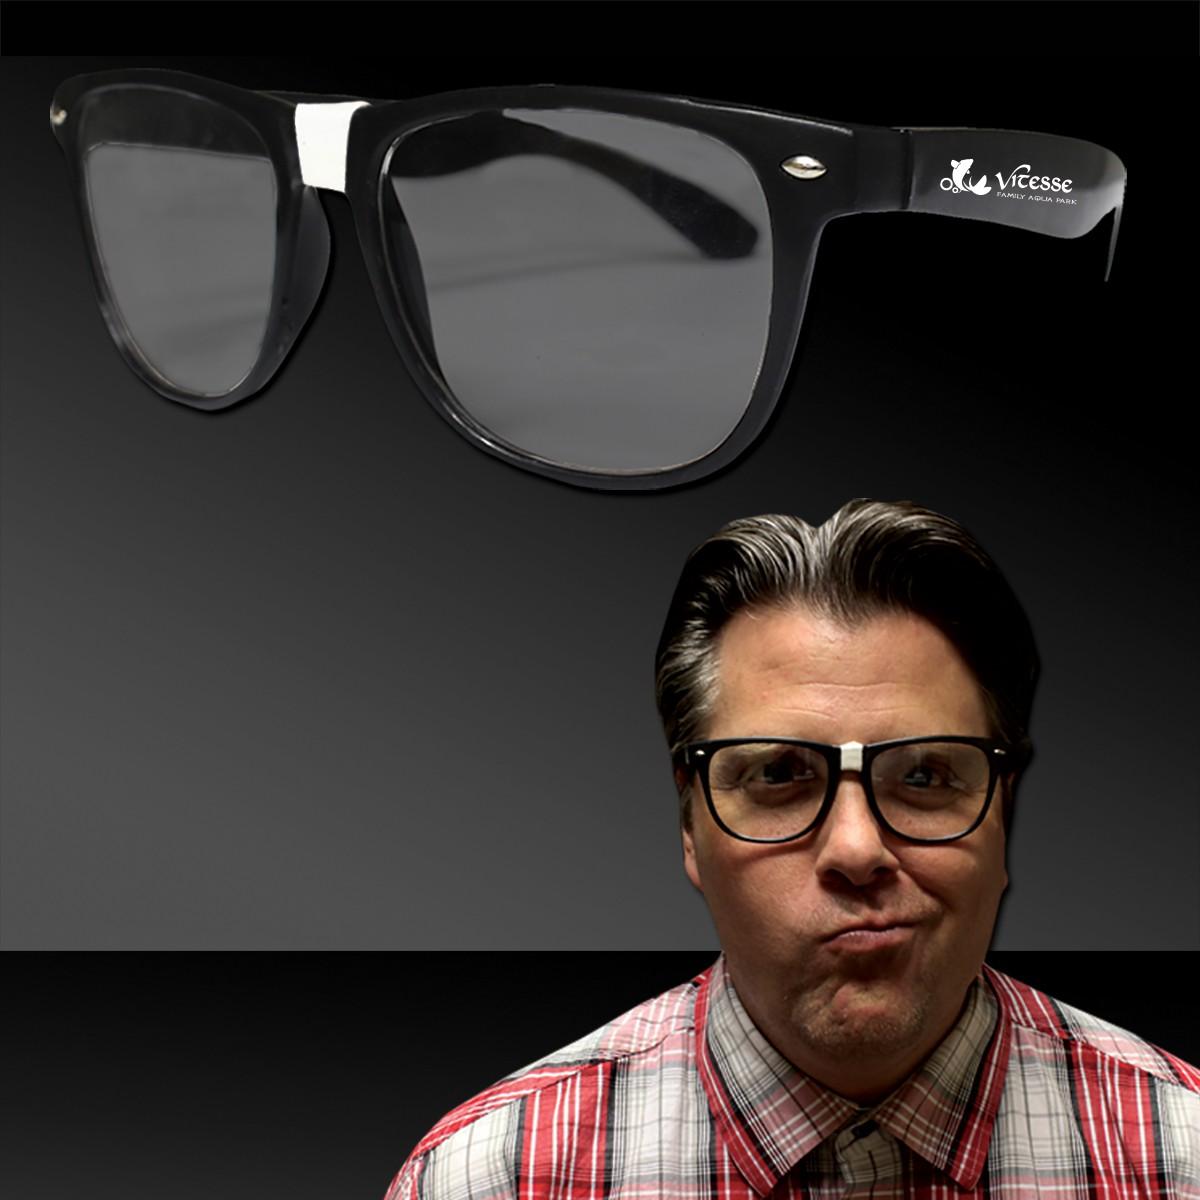 Black Frame Nerd Eyeglasses